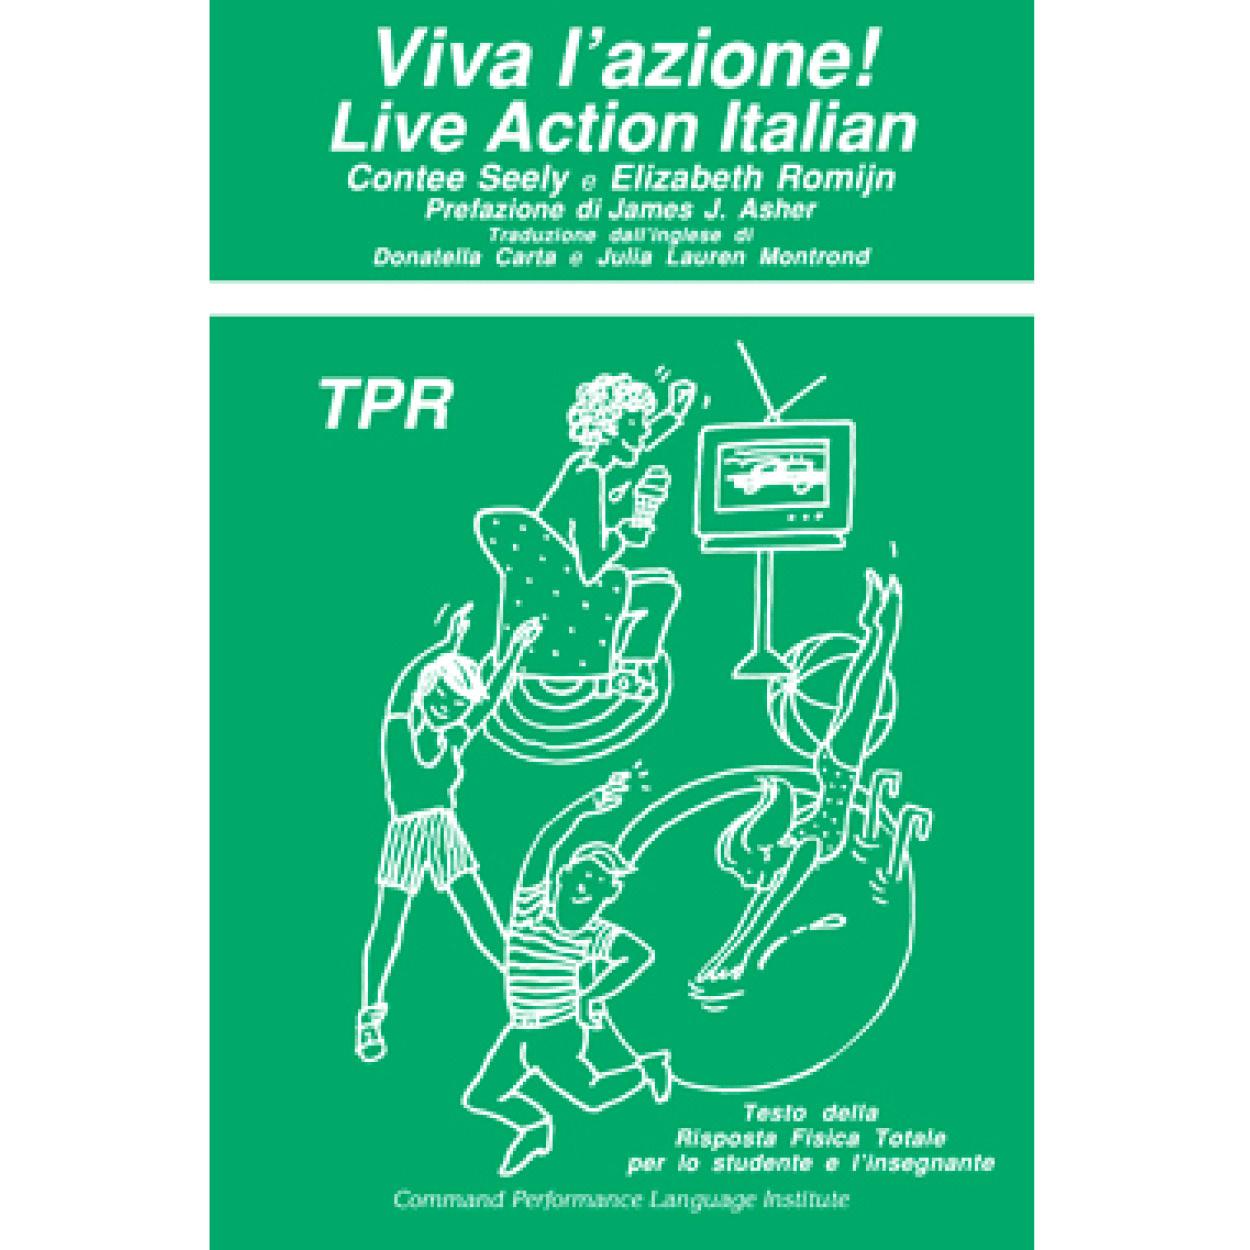 Viva l'azione! Live action Italian!